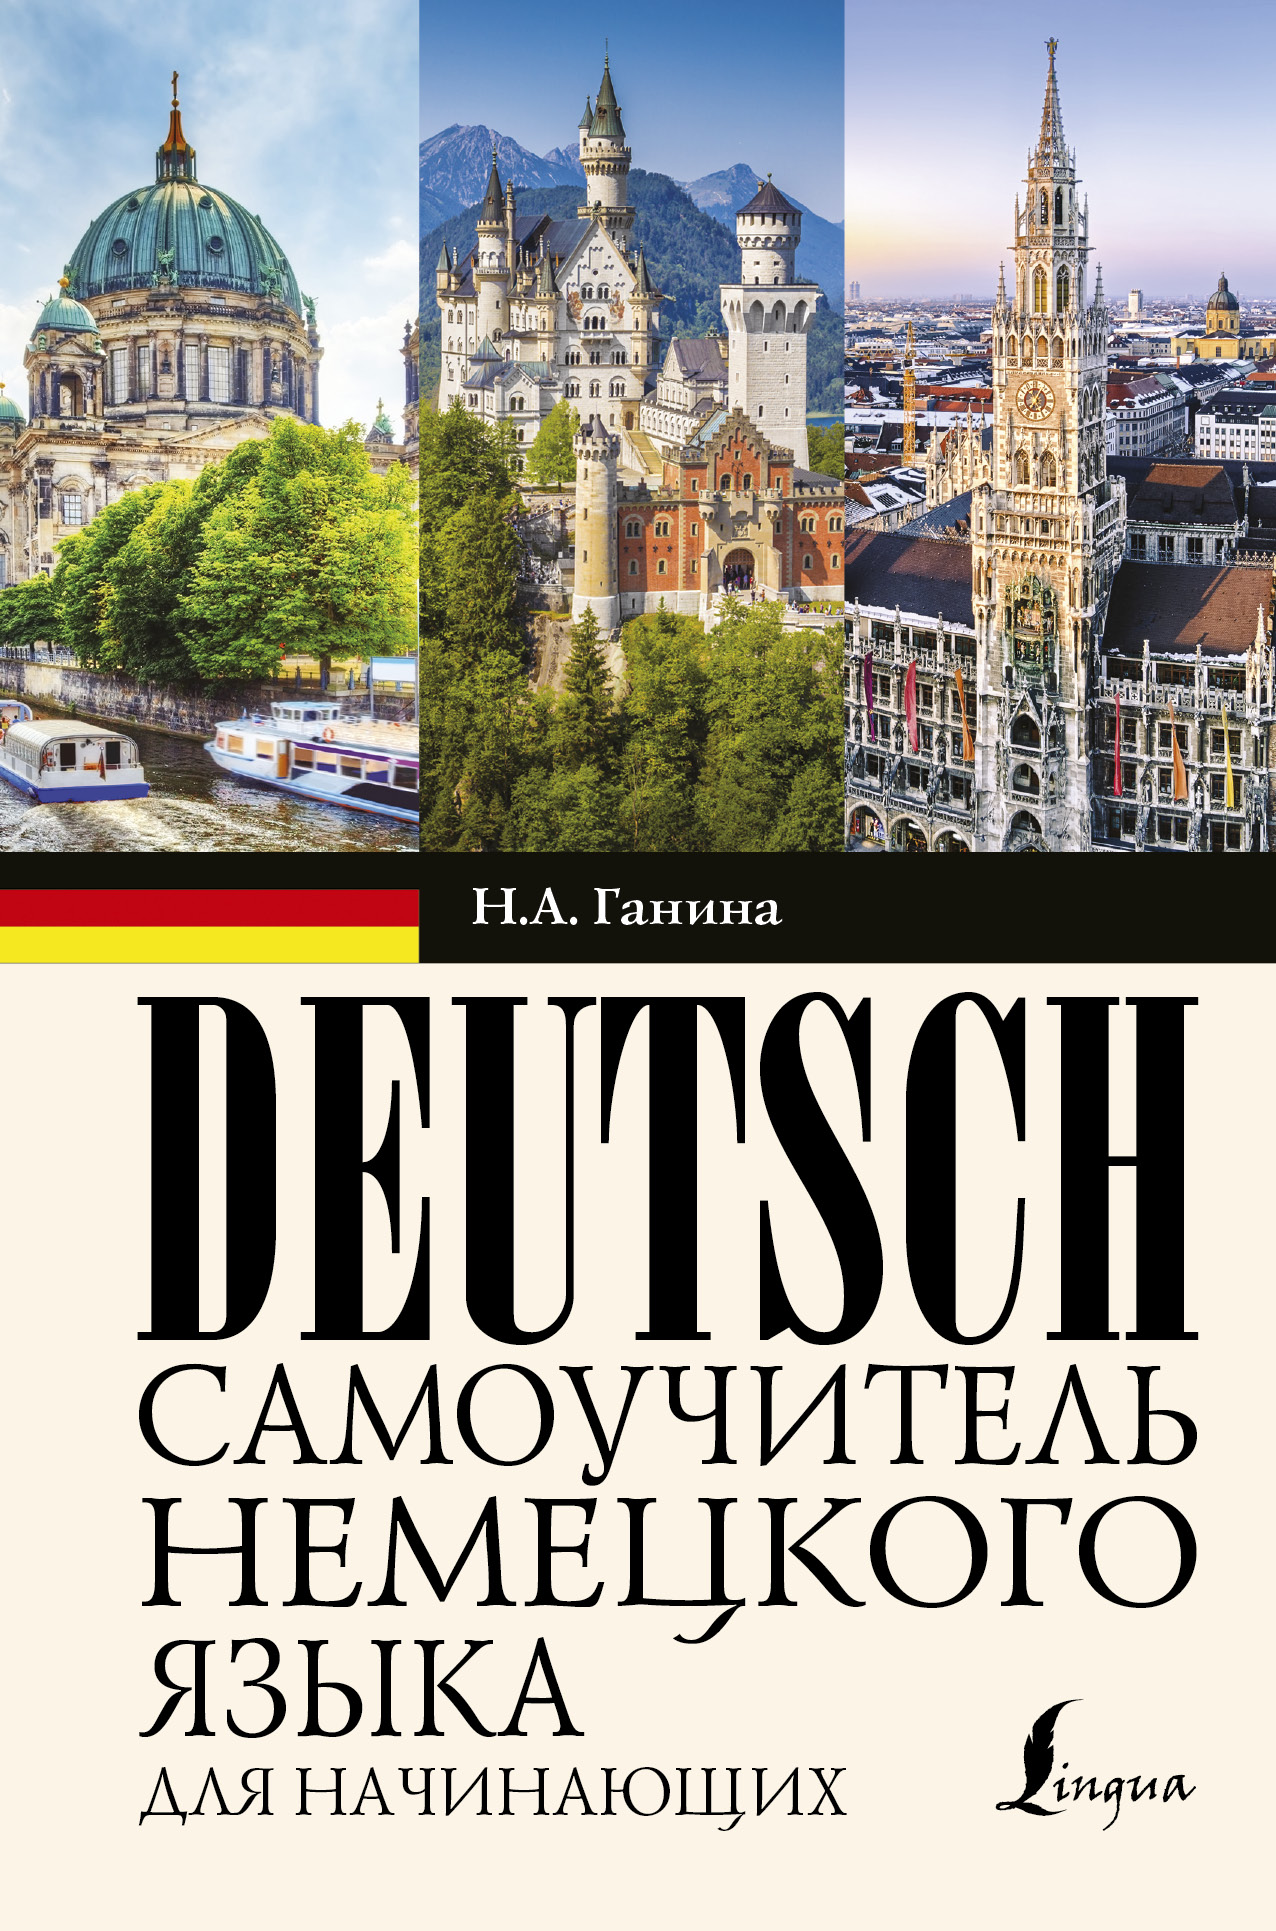 Н. А. Ганина Самоучитель немецкого языка для начинающих михайлова в м краткий самоучитель немецкой грамматики isbn 978 5 699 72916 6